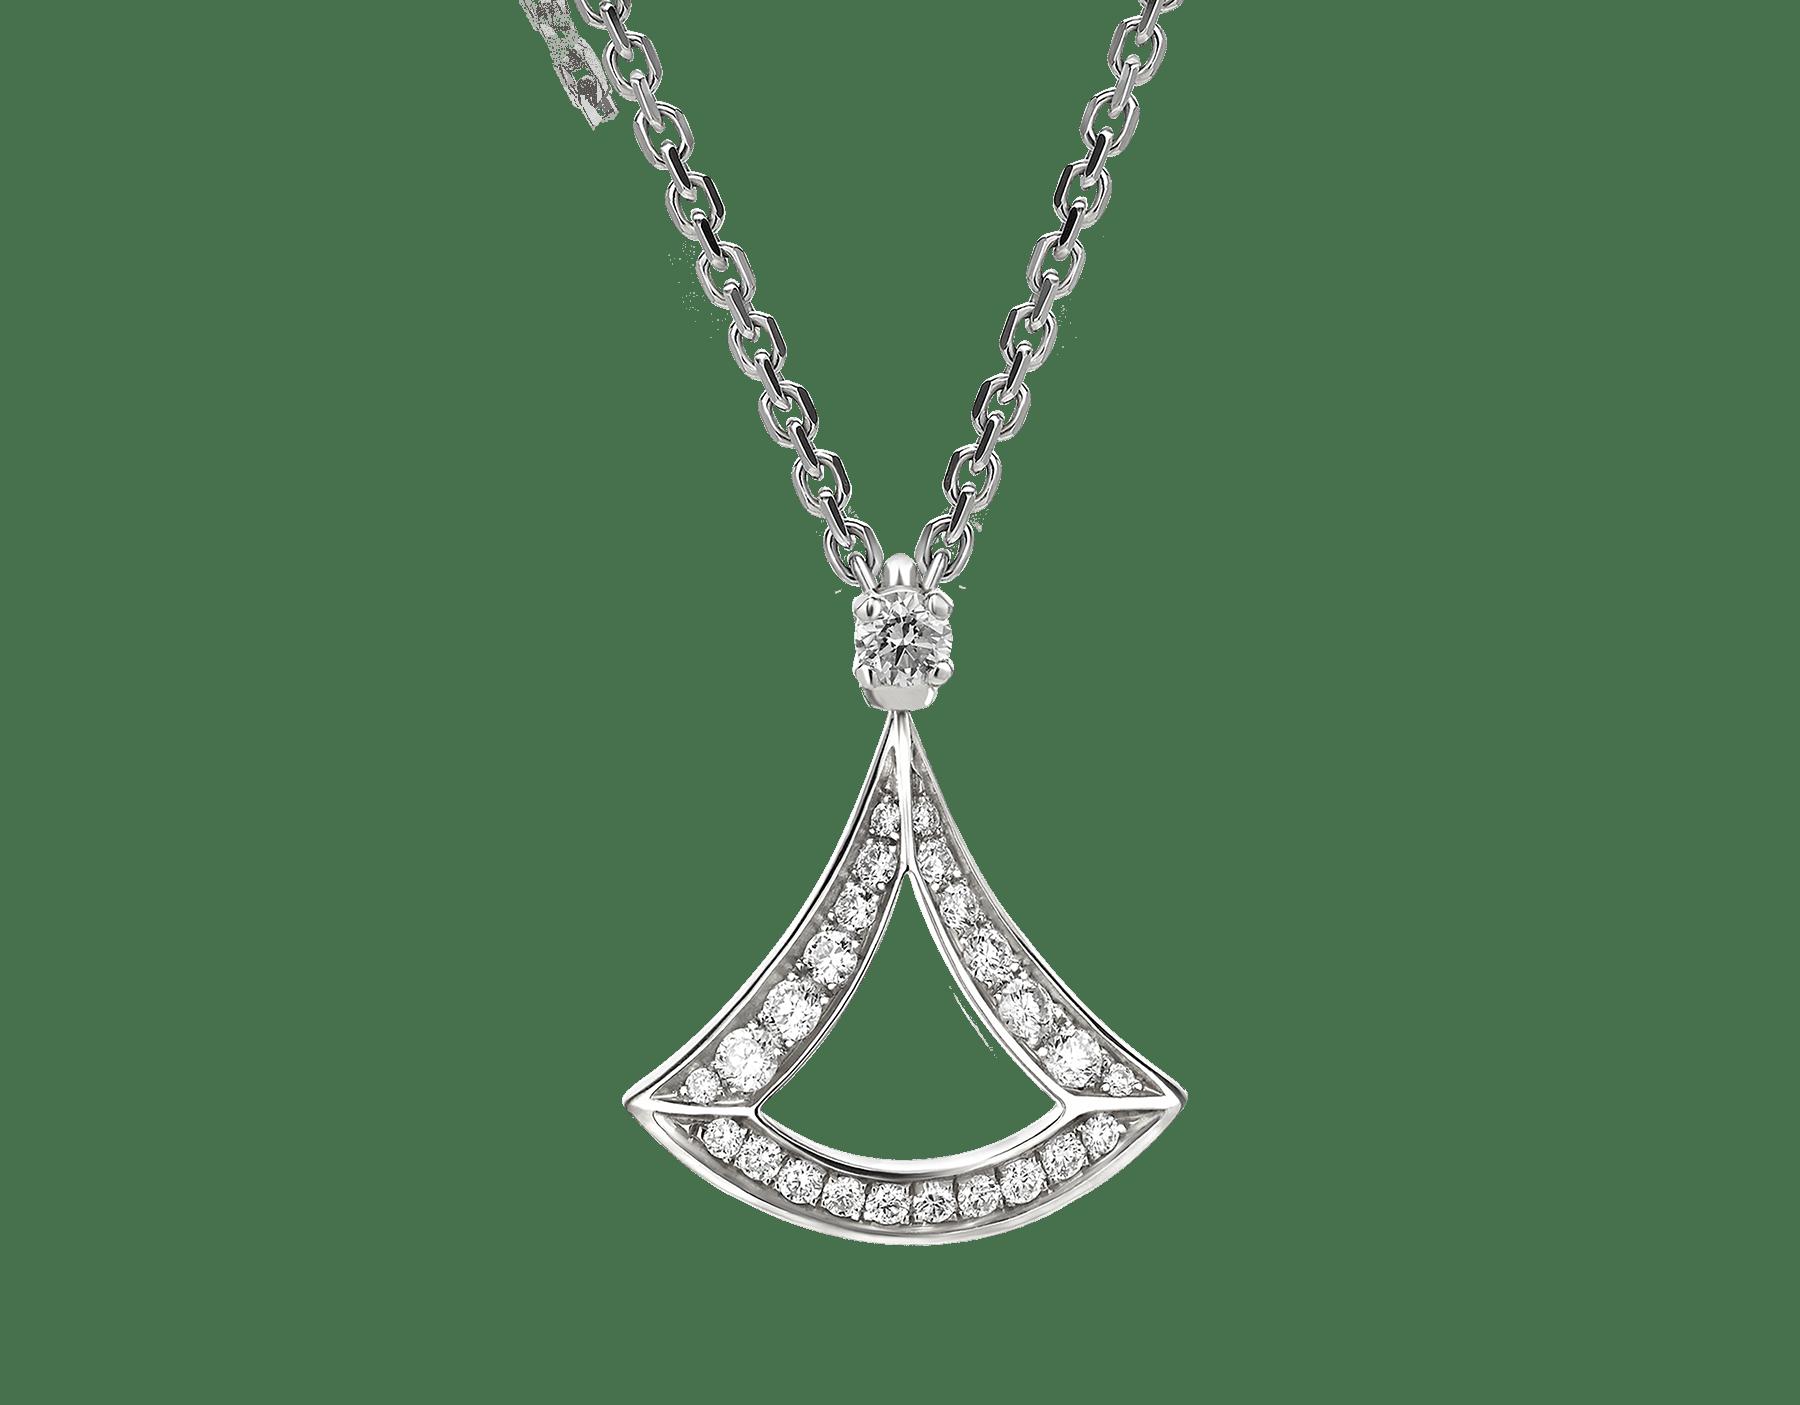 Collar calado DIVAS' DREAM en oro blanco de 18qt con colgante en oro blanco de 18qt con pavé de diamantes. 354046 image 2